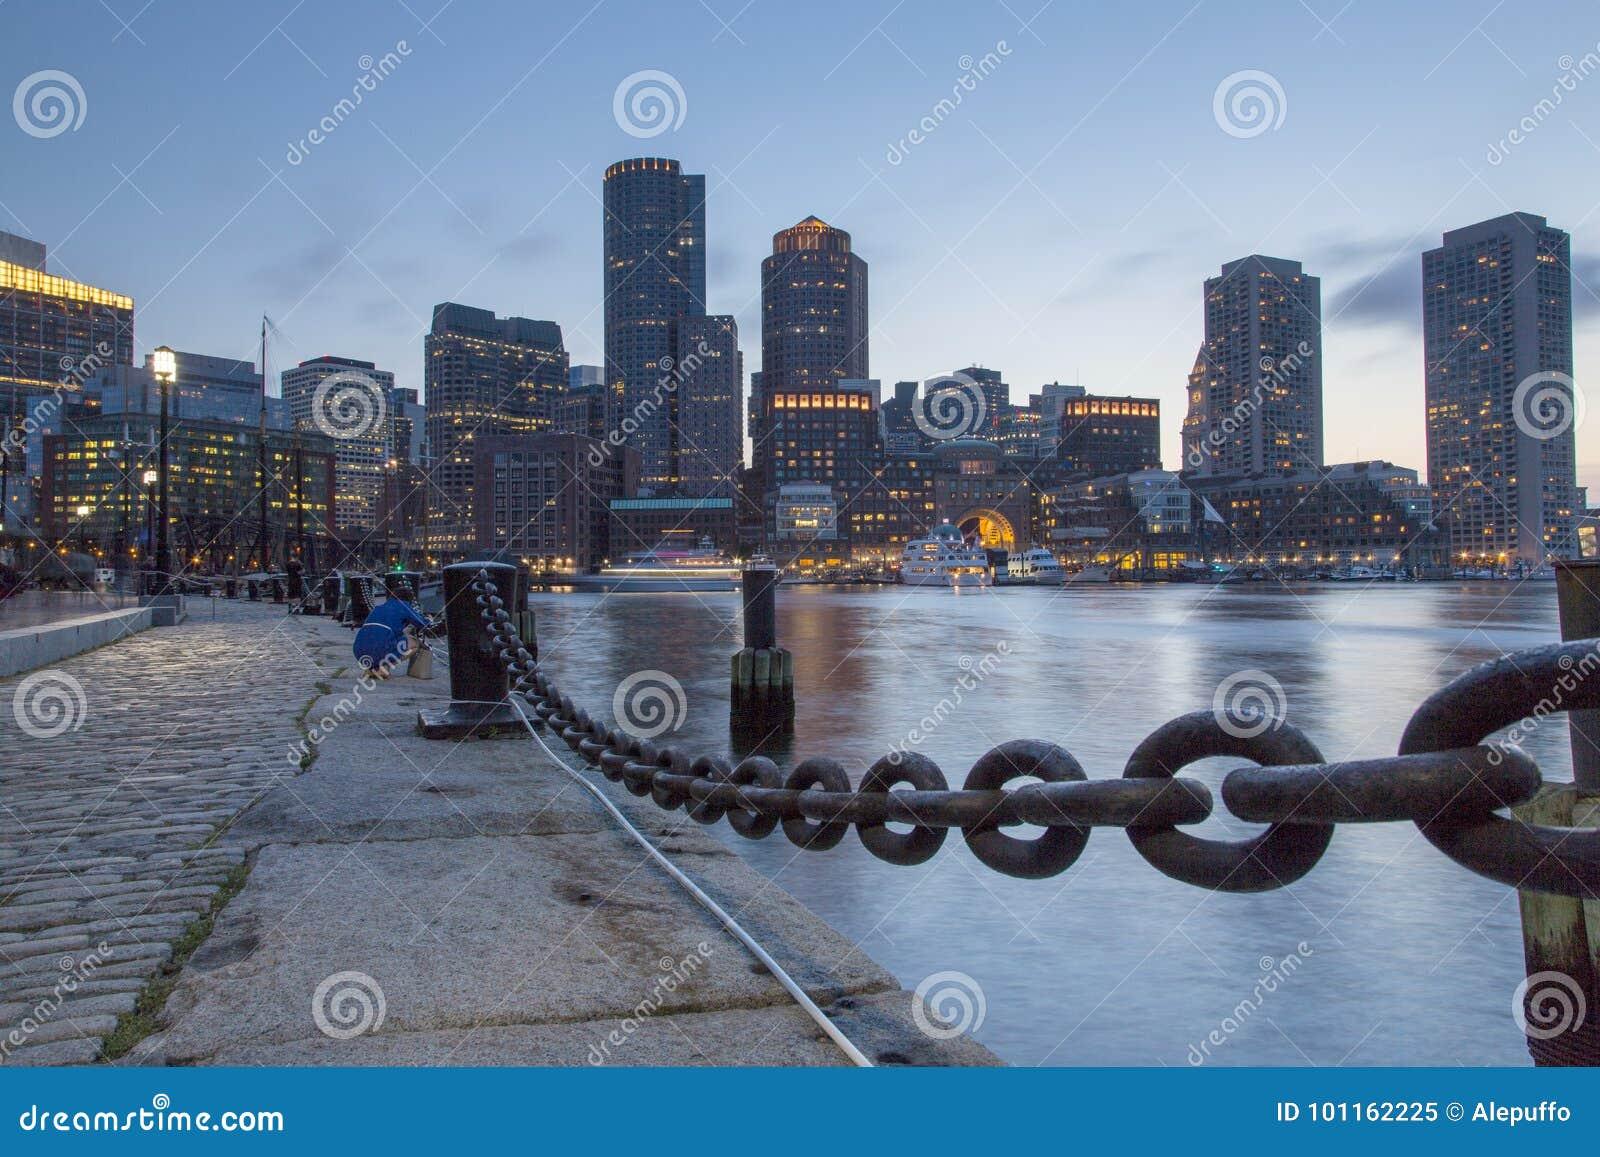 Boston, Skyline of Boston at sunset